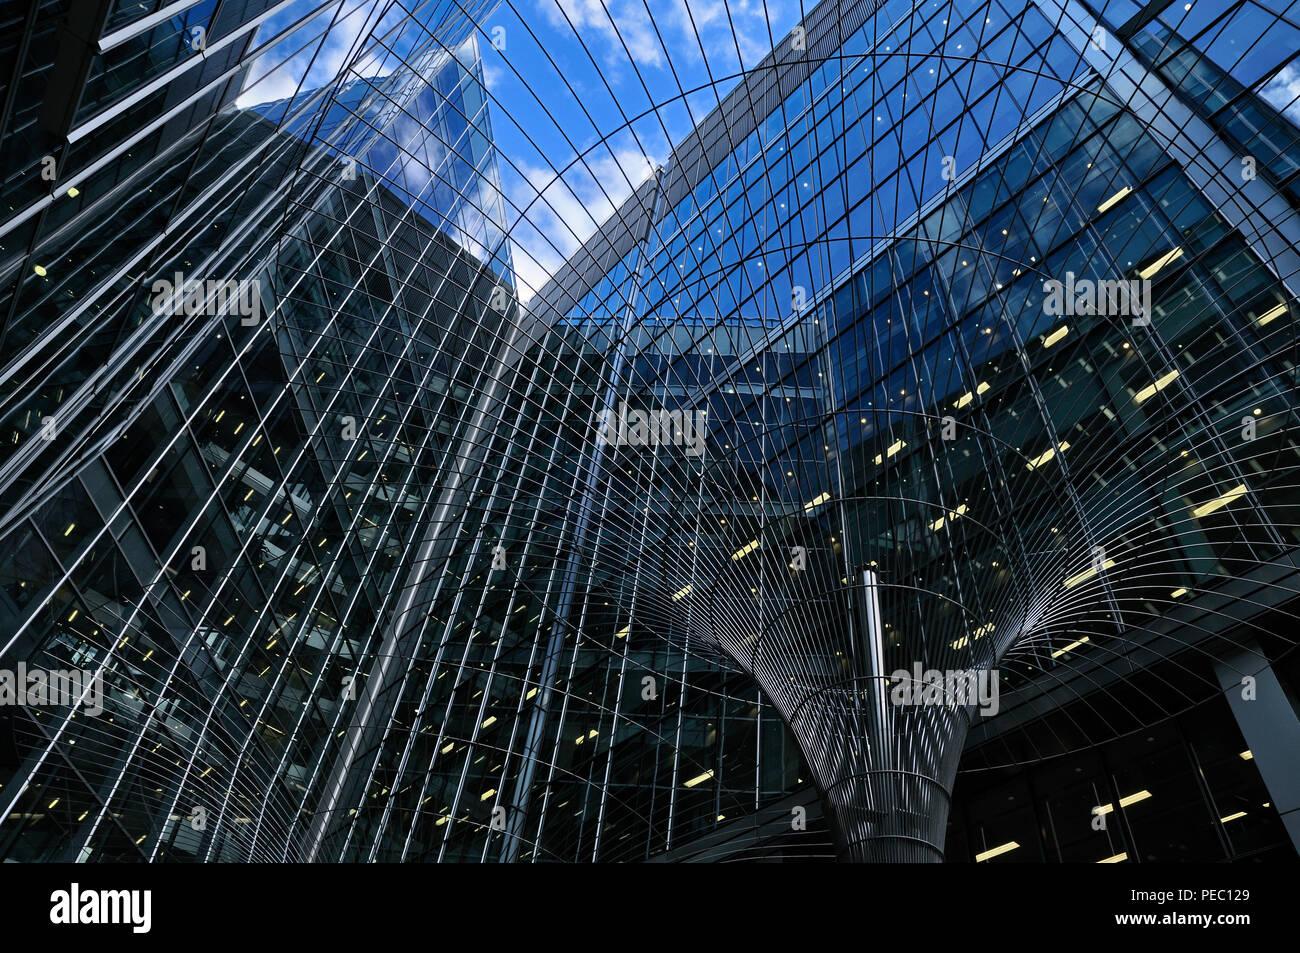 Zeitgenössische architektonische Zusammenfassung von Glas Bürogebäude, London, England, Großbritannien Stockbild